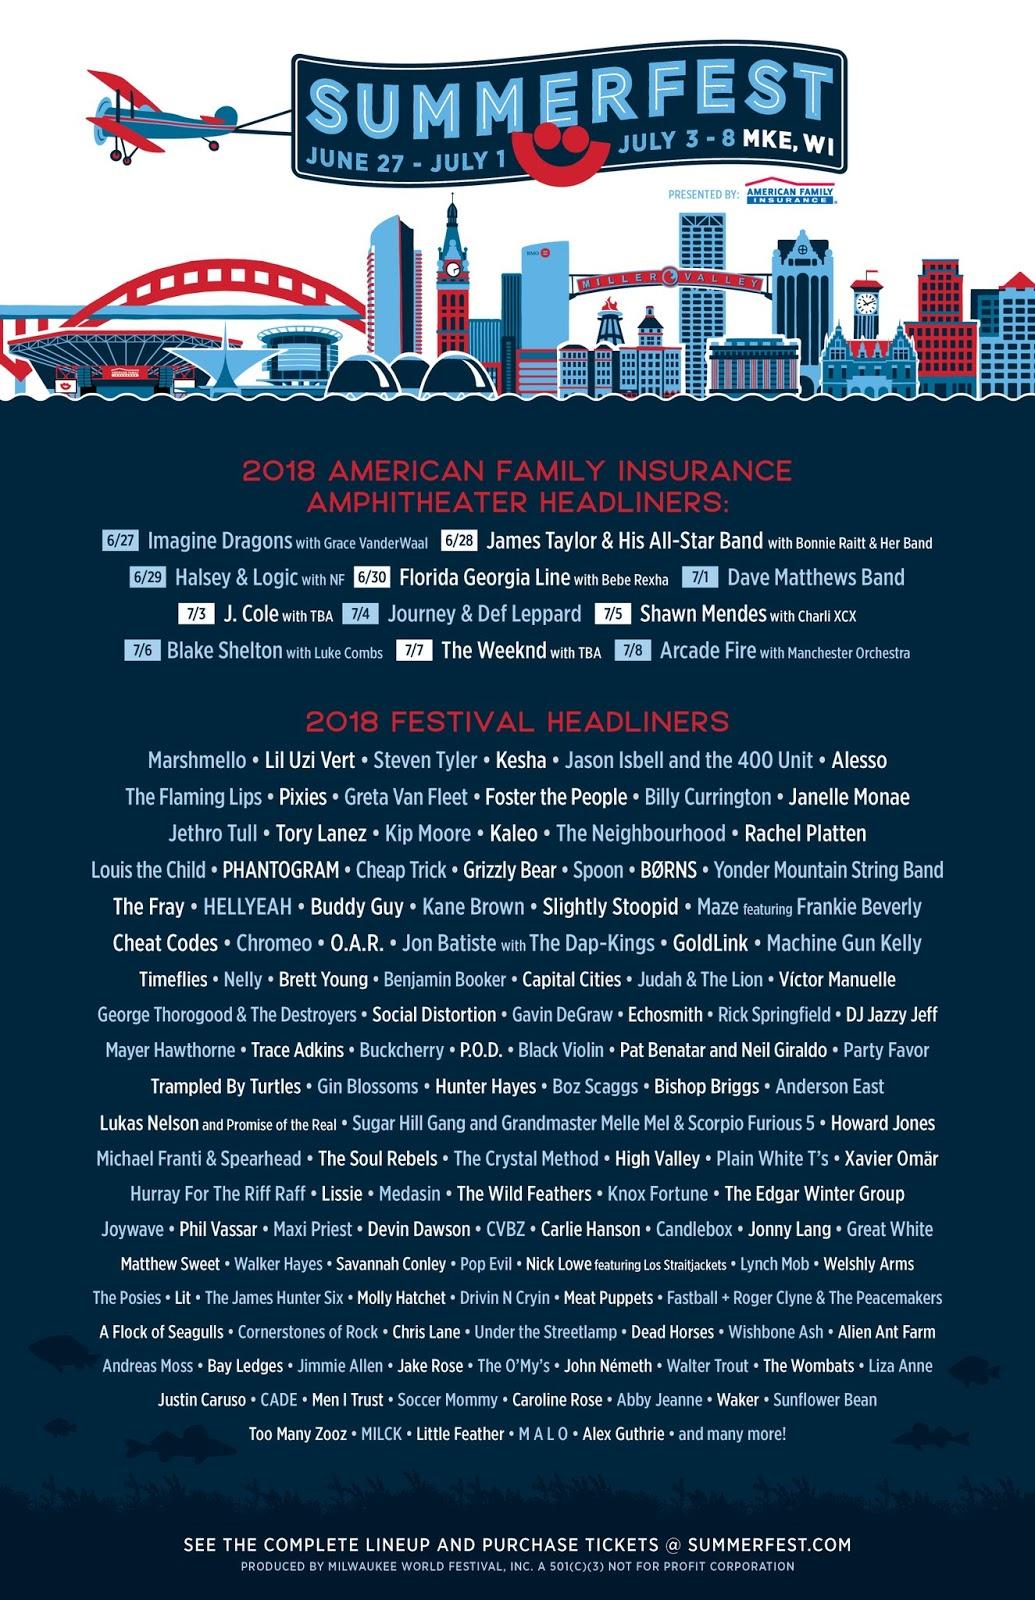 Summerfest 2018 Lineup